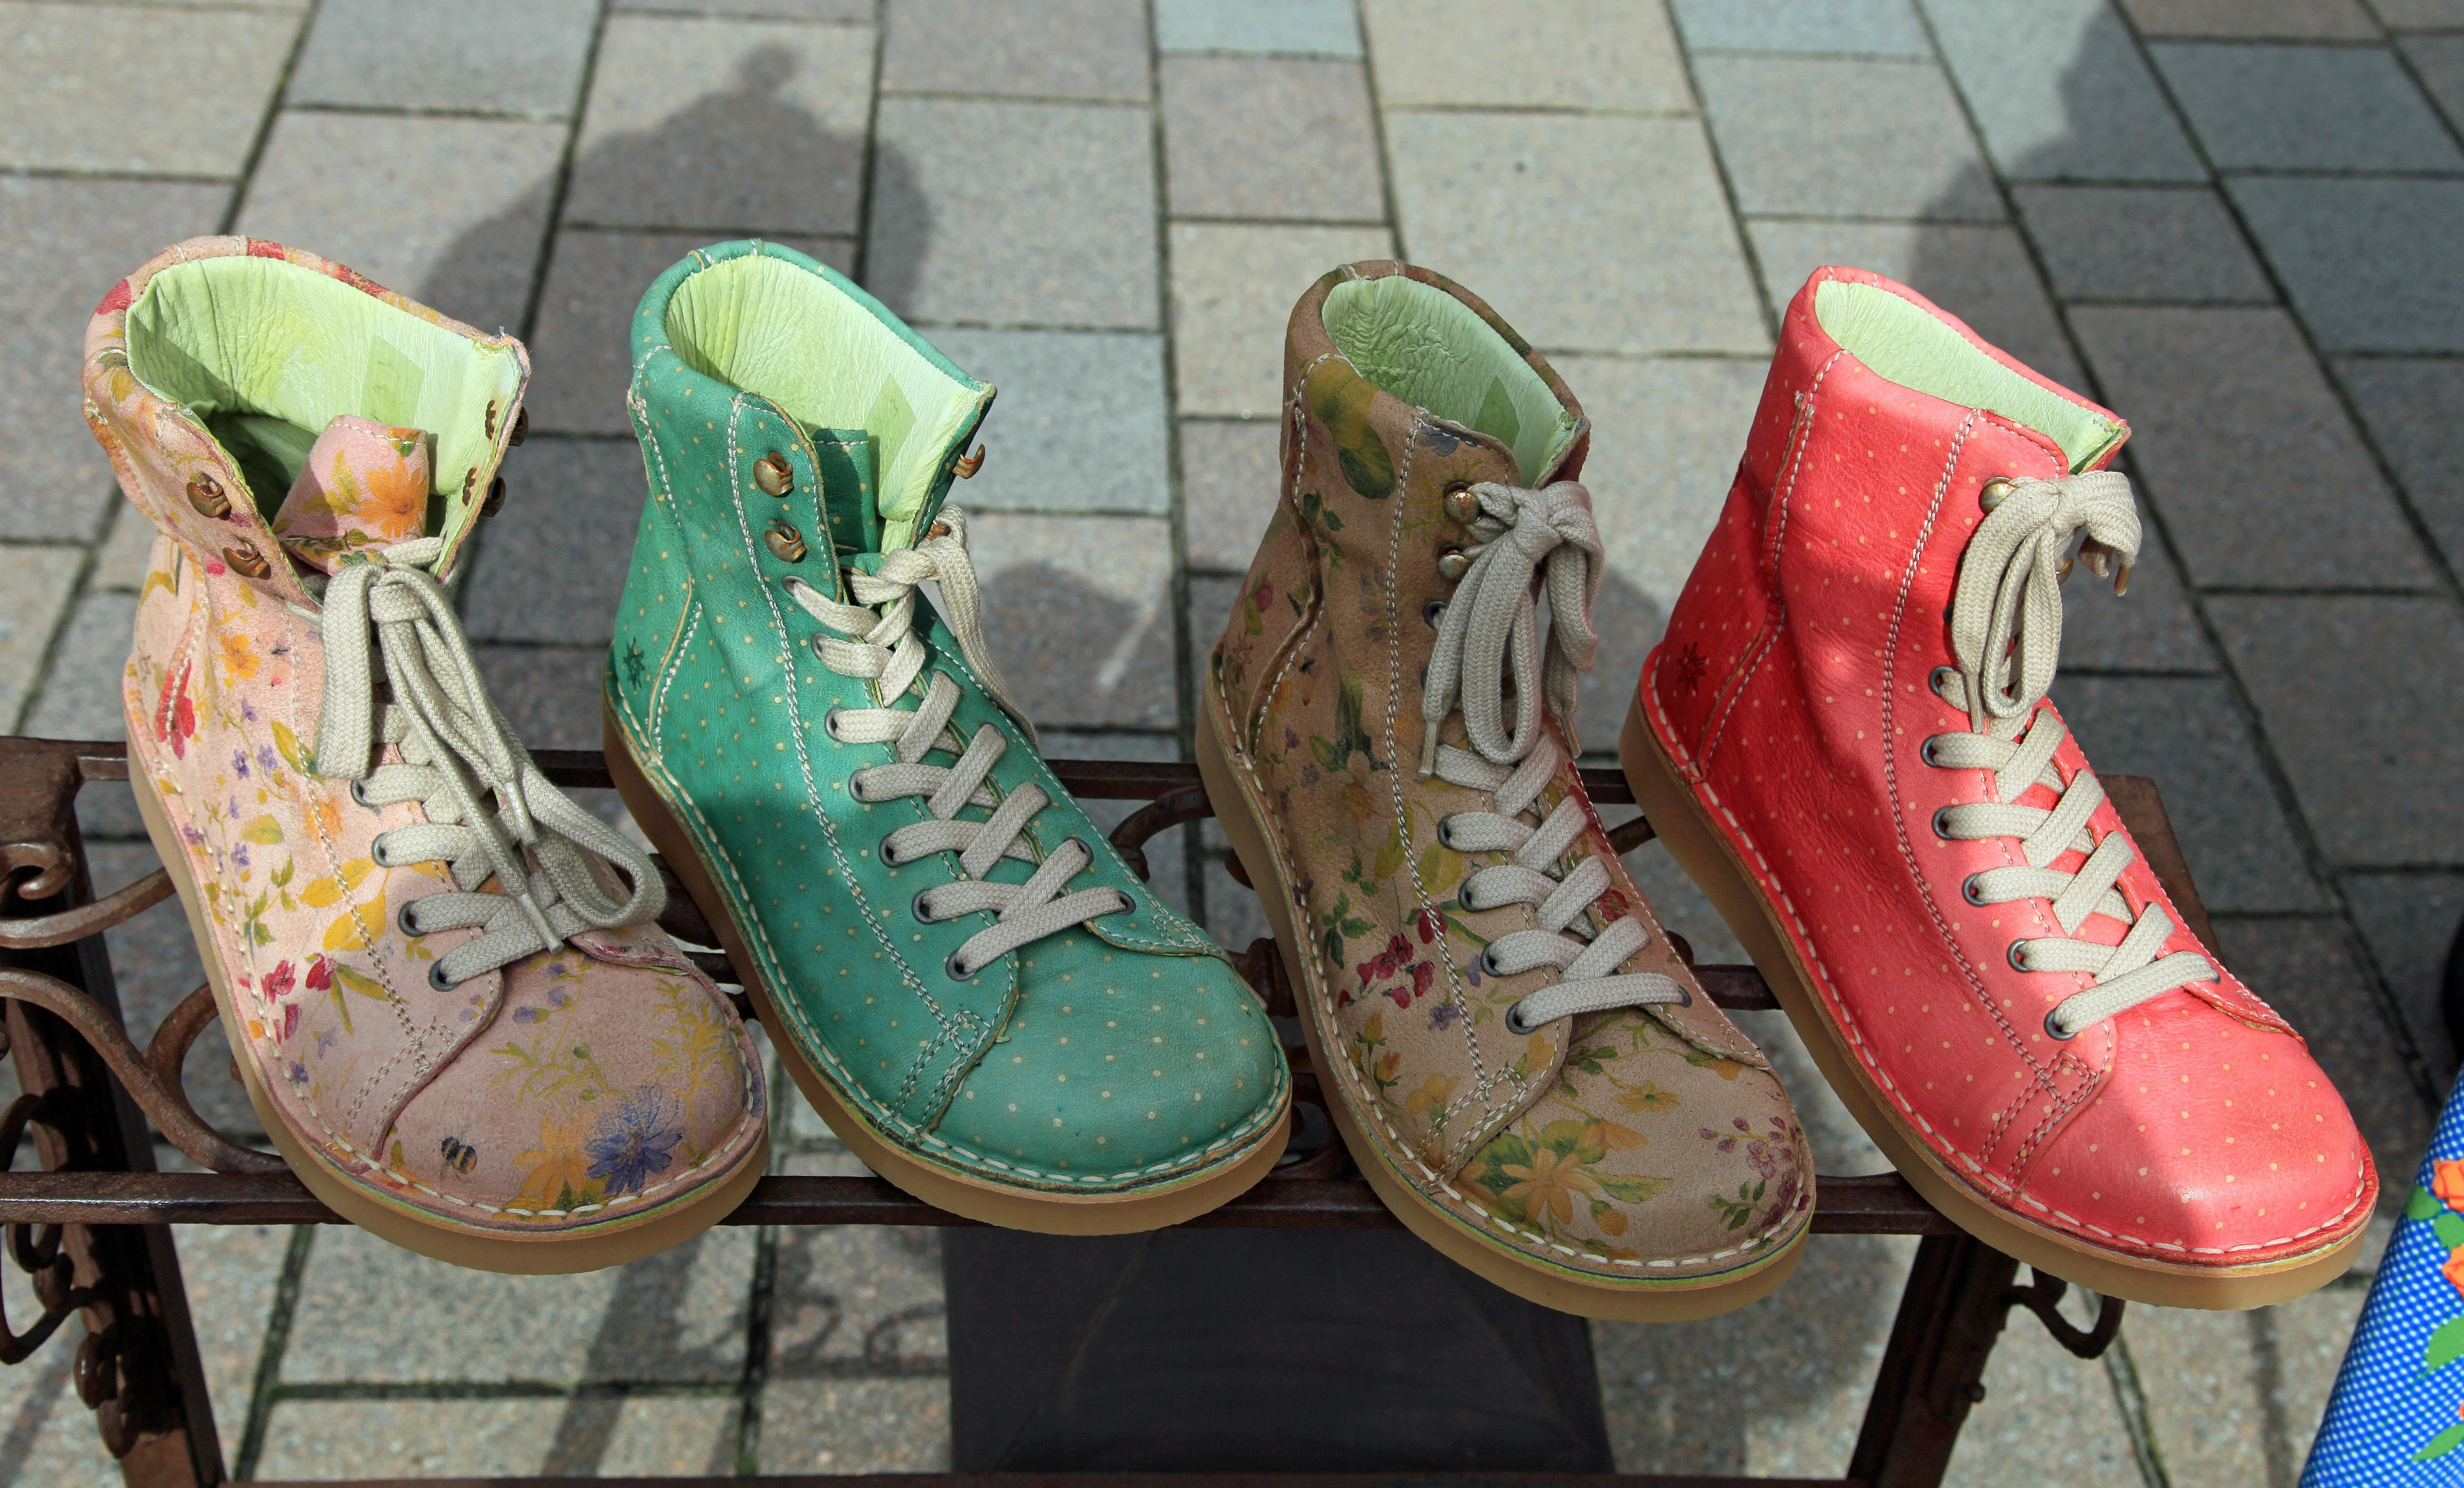 Gratis billeder : ben, forår, tøj, farverig, støvler, kondisko, fodtøj, udendørs sko 5171x3122 ...